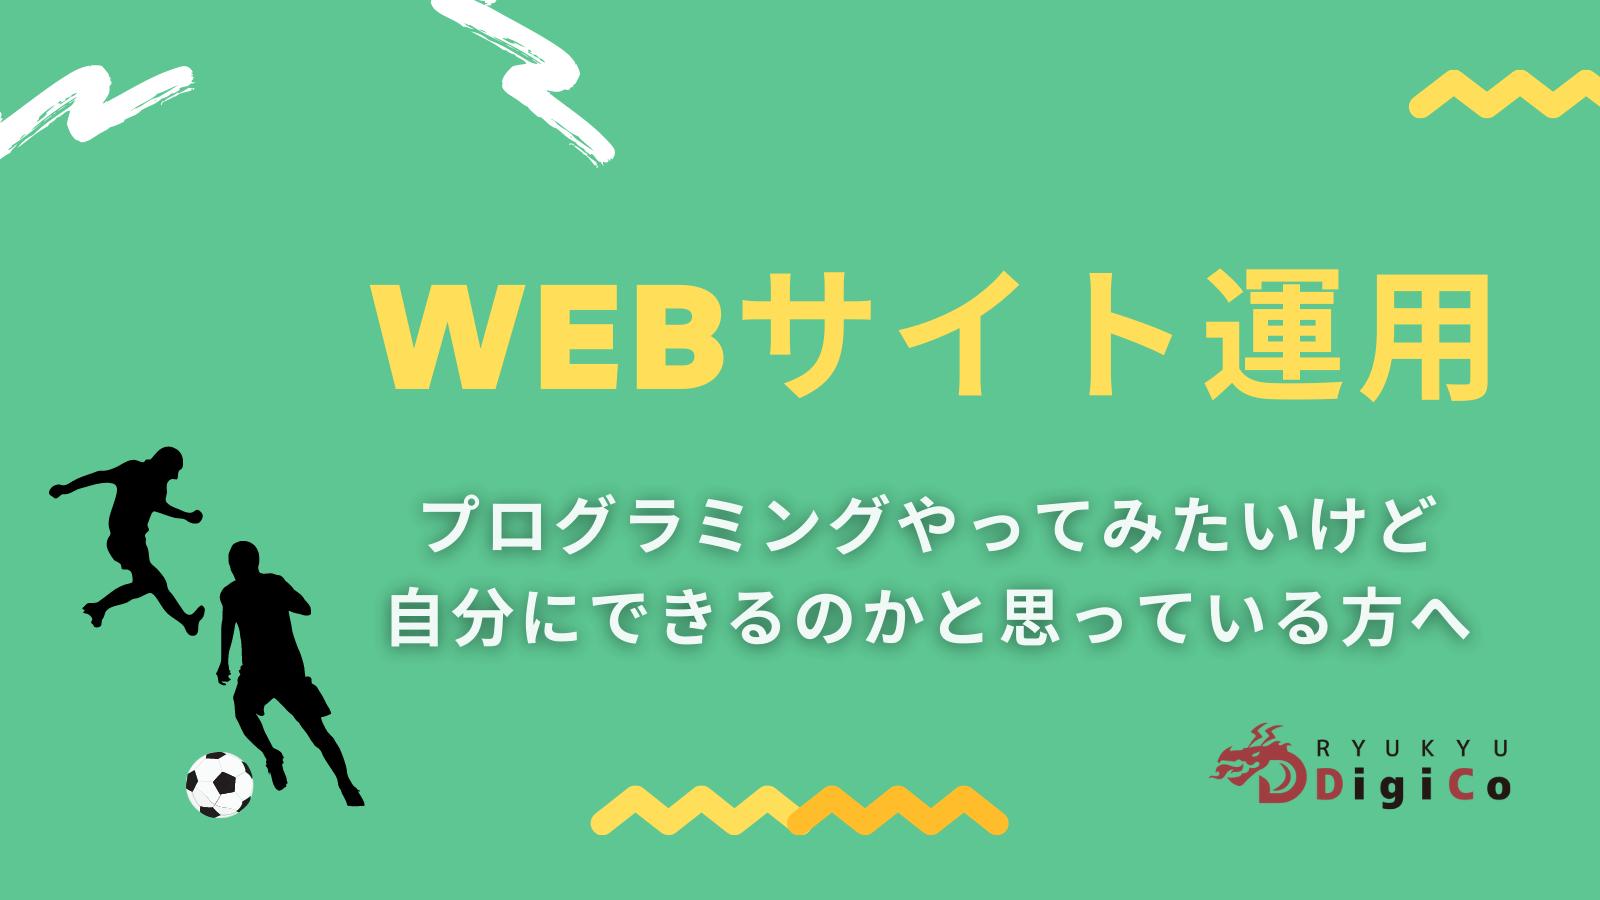 【WEBサイト運用】HTML,CSSを独学で勉強しているけど、仕事にもつなげていきたい方を募集。